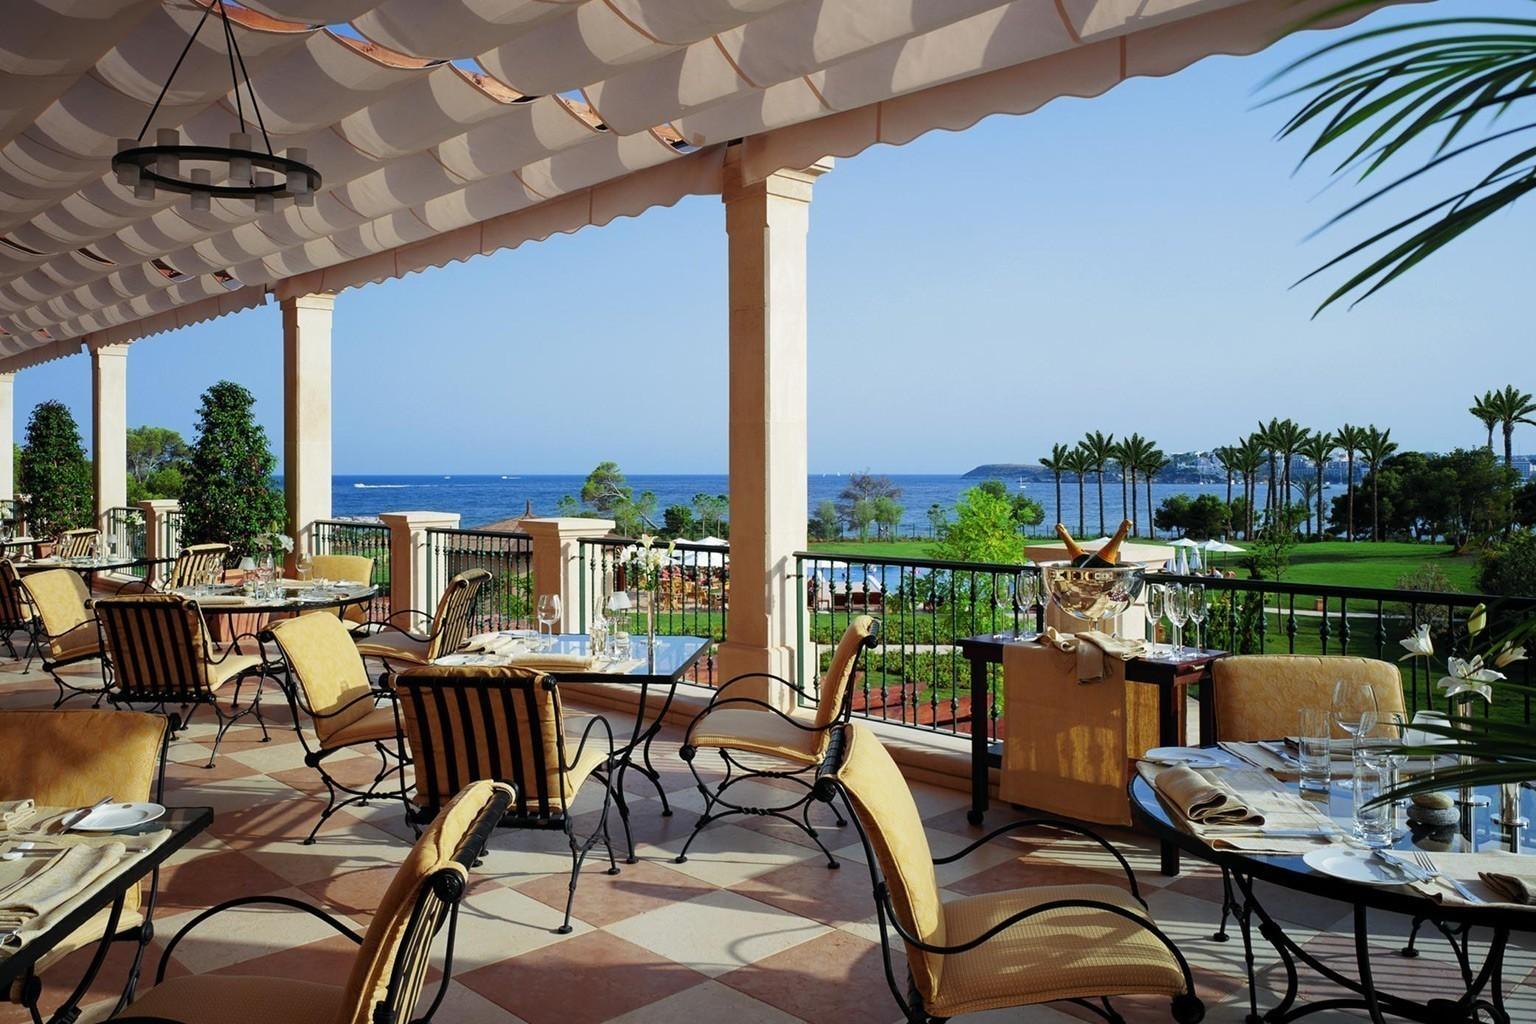 The st regis mardavall mallorca resort designreisen for The st regis